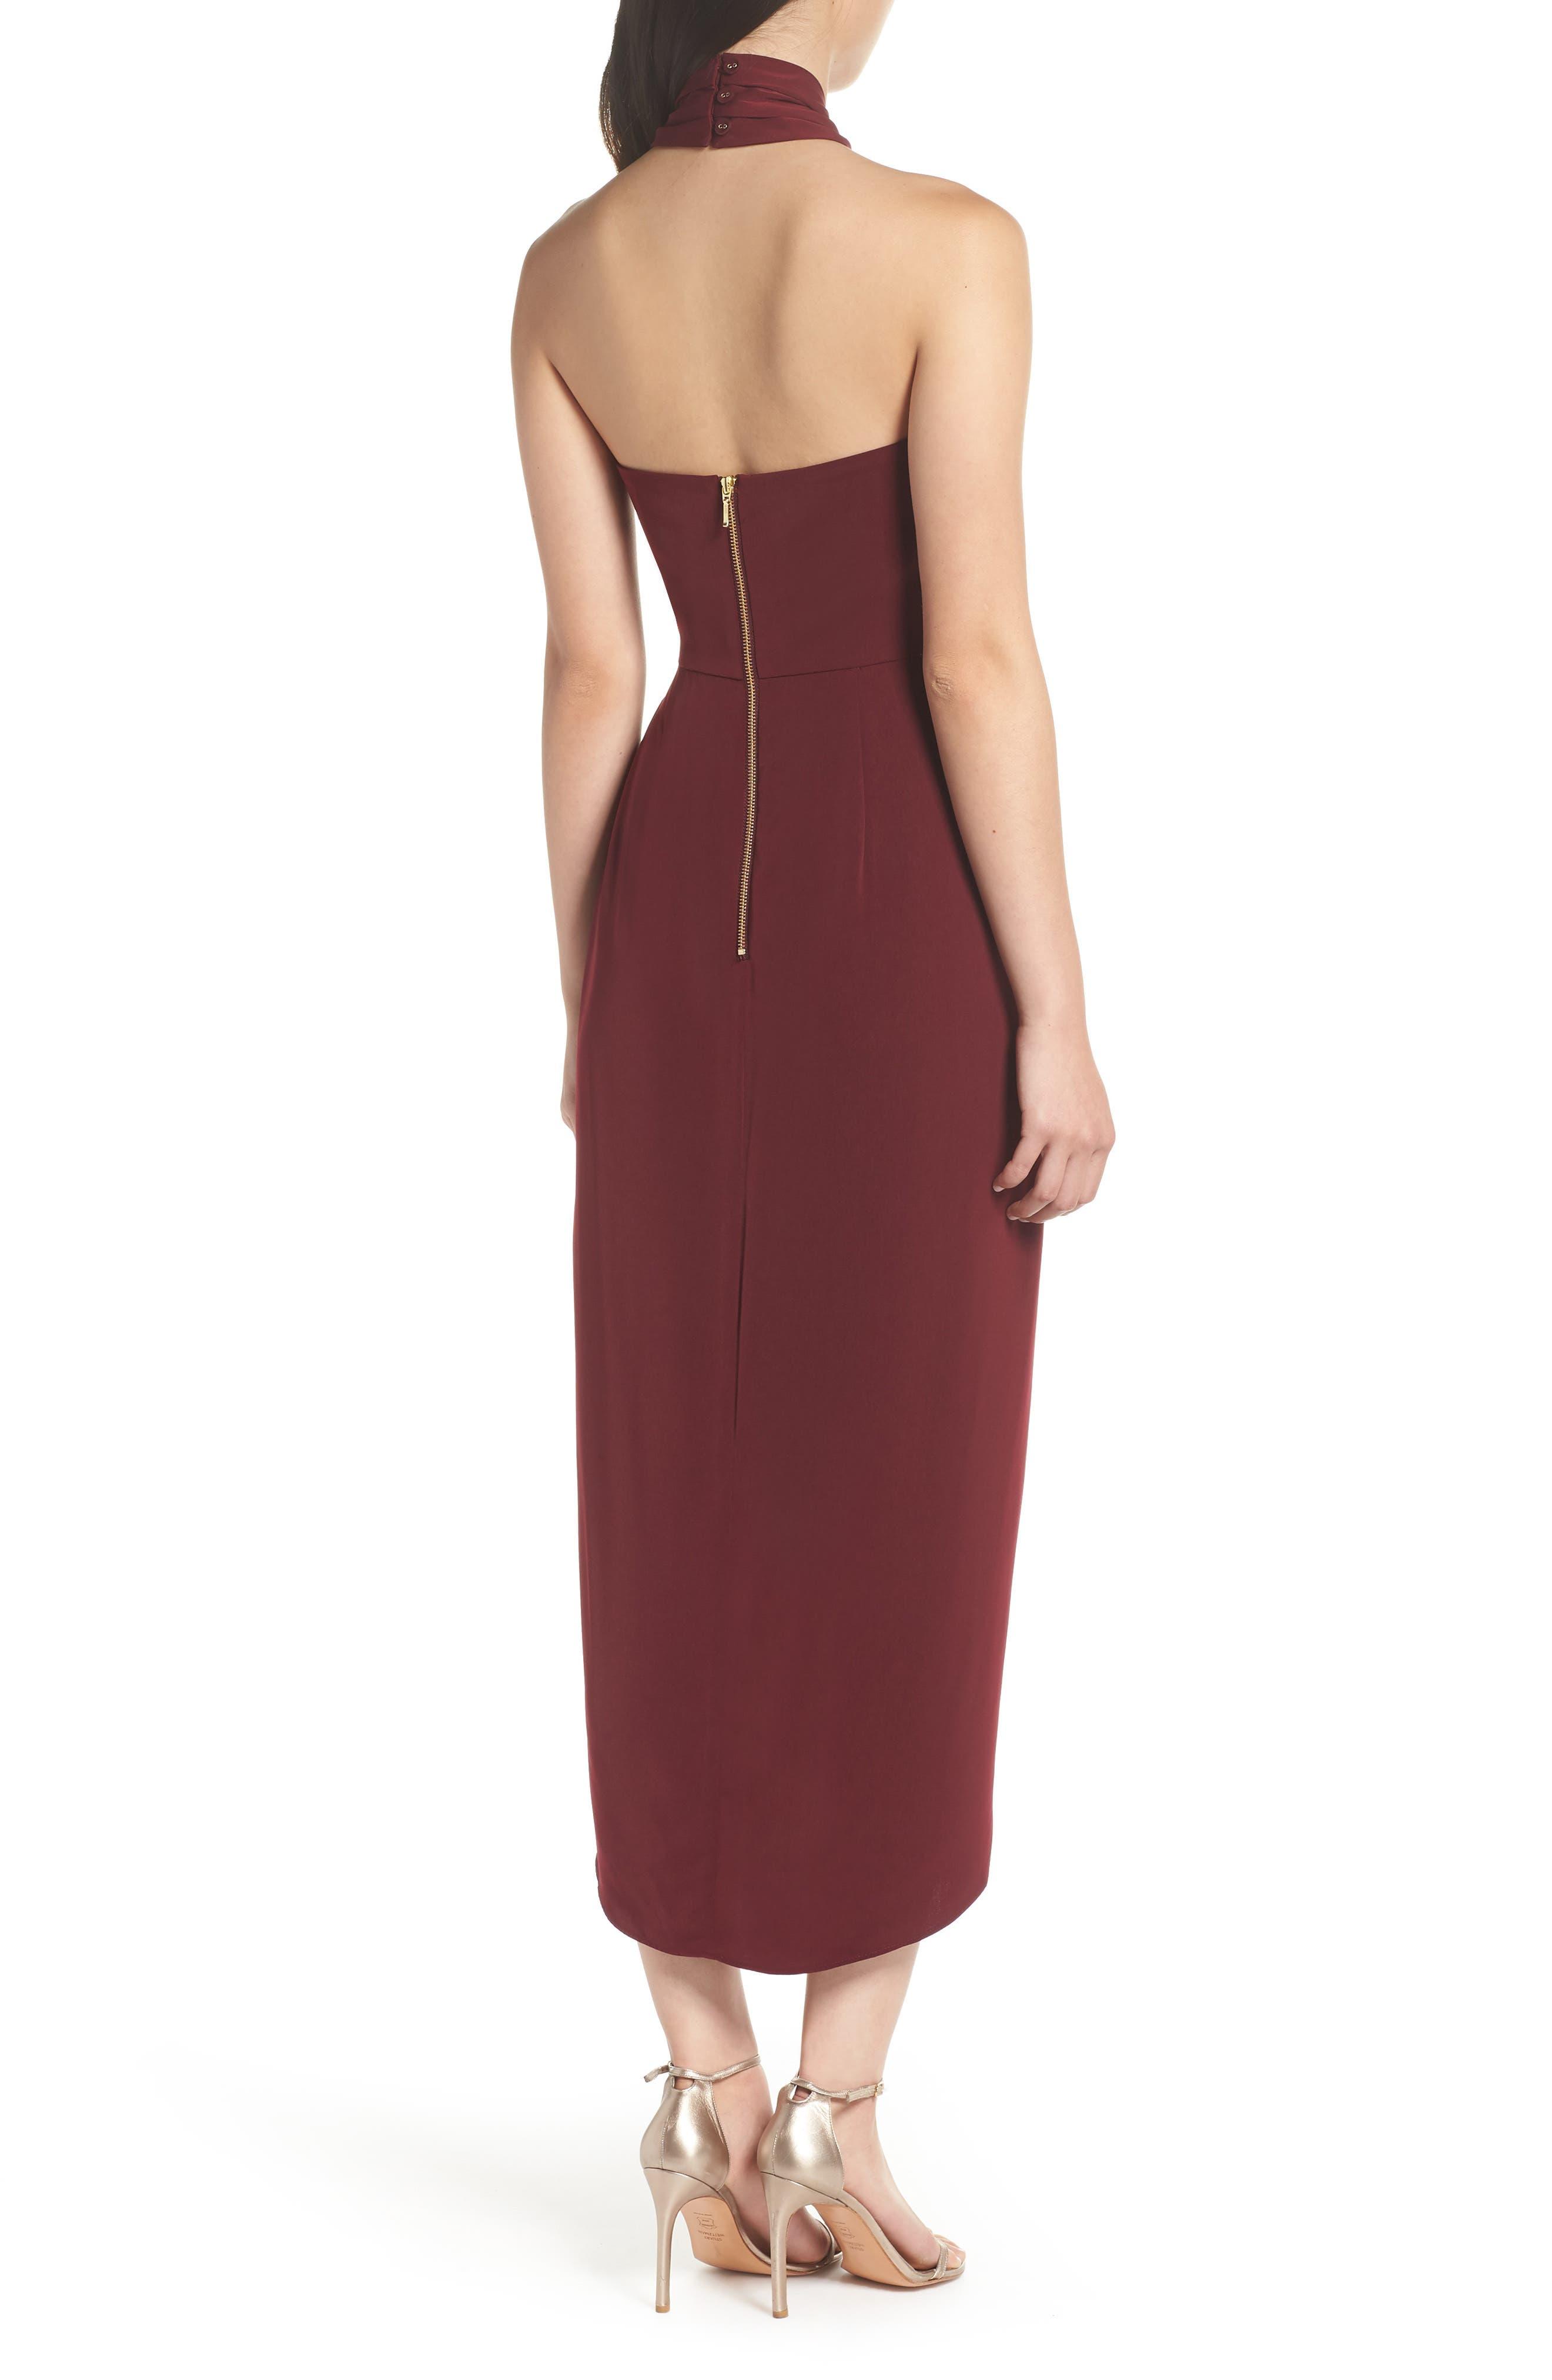 SHONA JOY,                             Knotted Tulip Hem Midi Dress,                             Alternate thumbnail 2, color,                             BURGUNDY